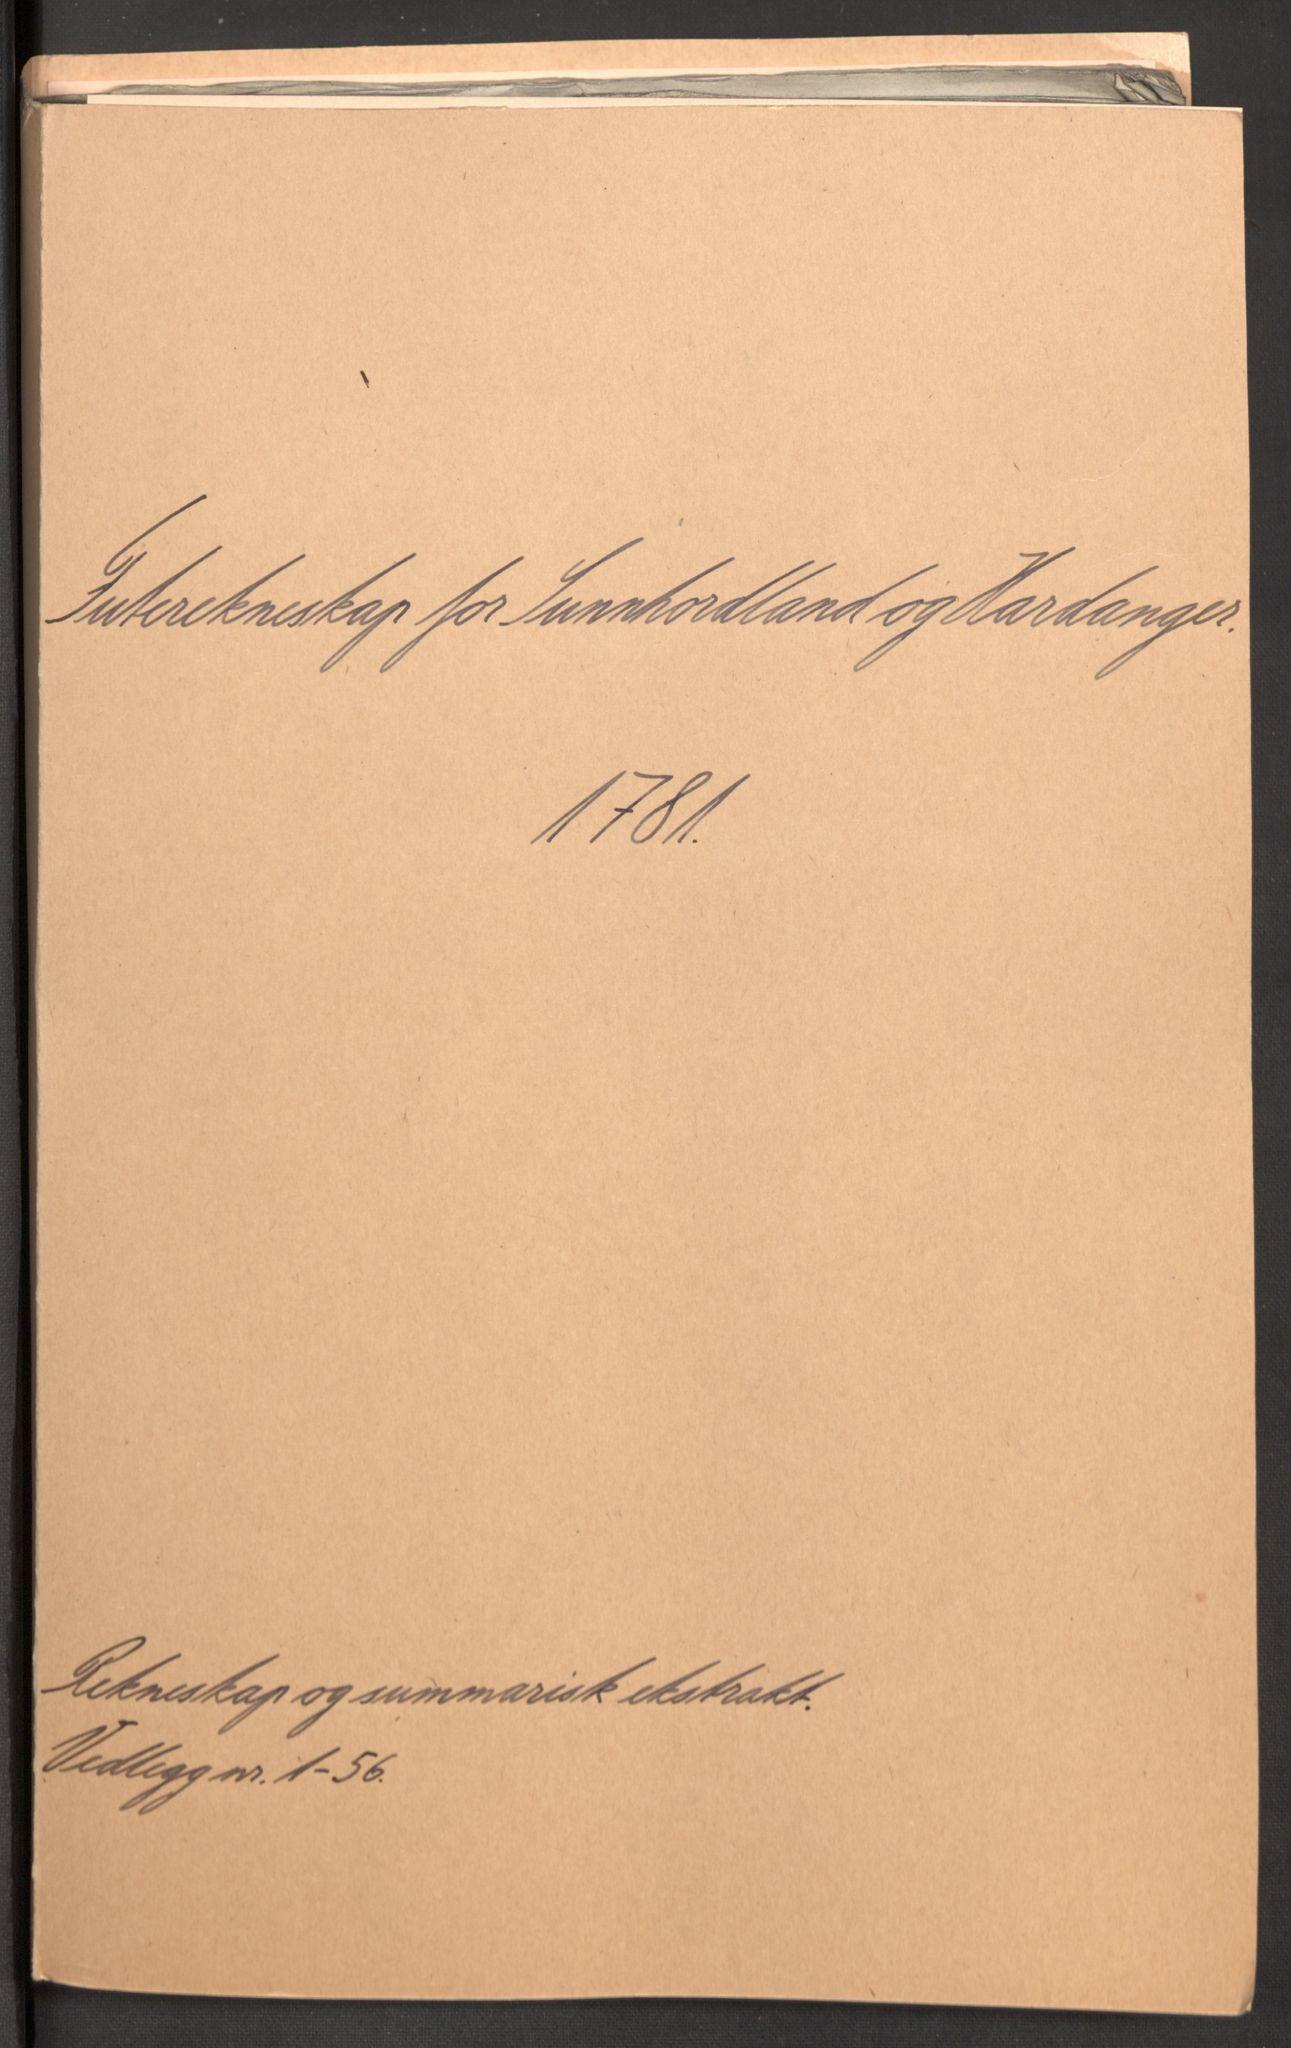 RA, Rentekammeret inntil 1814, Reviderte regnskaper, Fogderegnskap, R48/L3097: Fogderegnskap Sunnhordland og Hardanger, 1781, s. 2